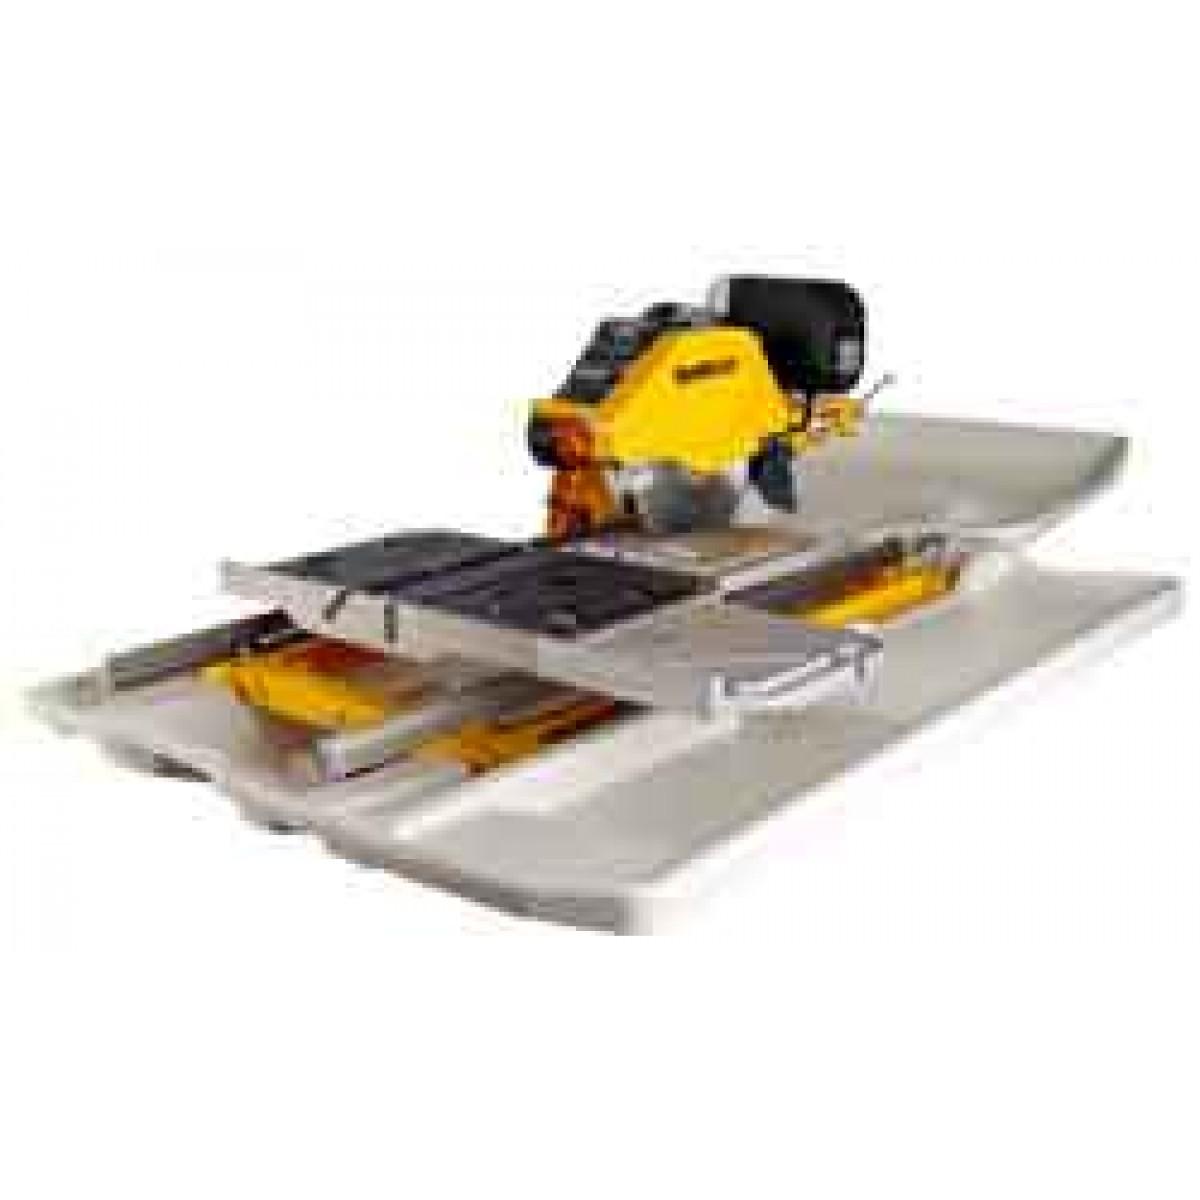 Sawmaster Sdt 1030 10 Wet Tile Saw